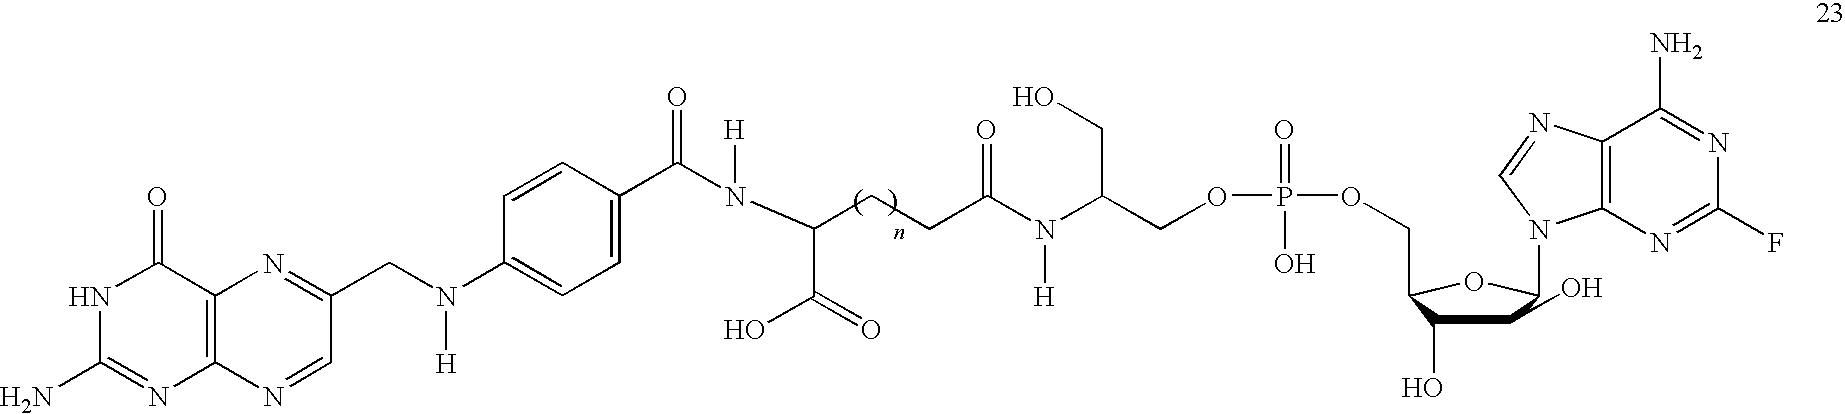 Figure US07833992-20101116-C00025